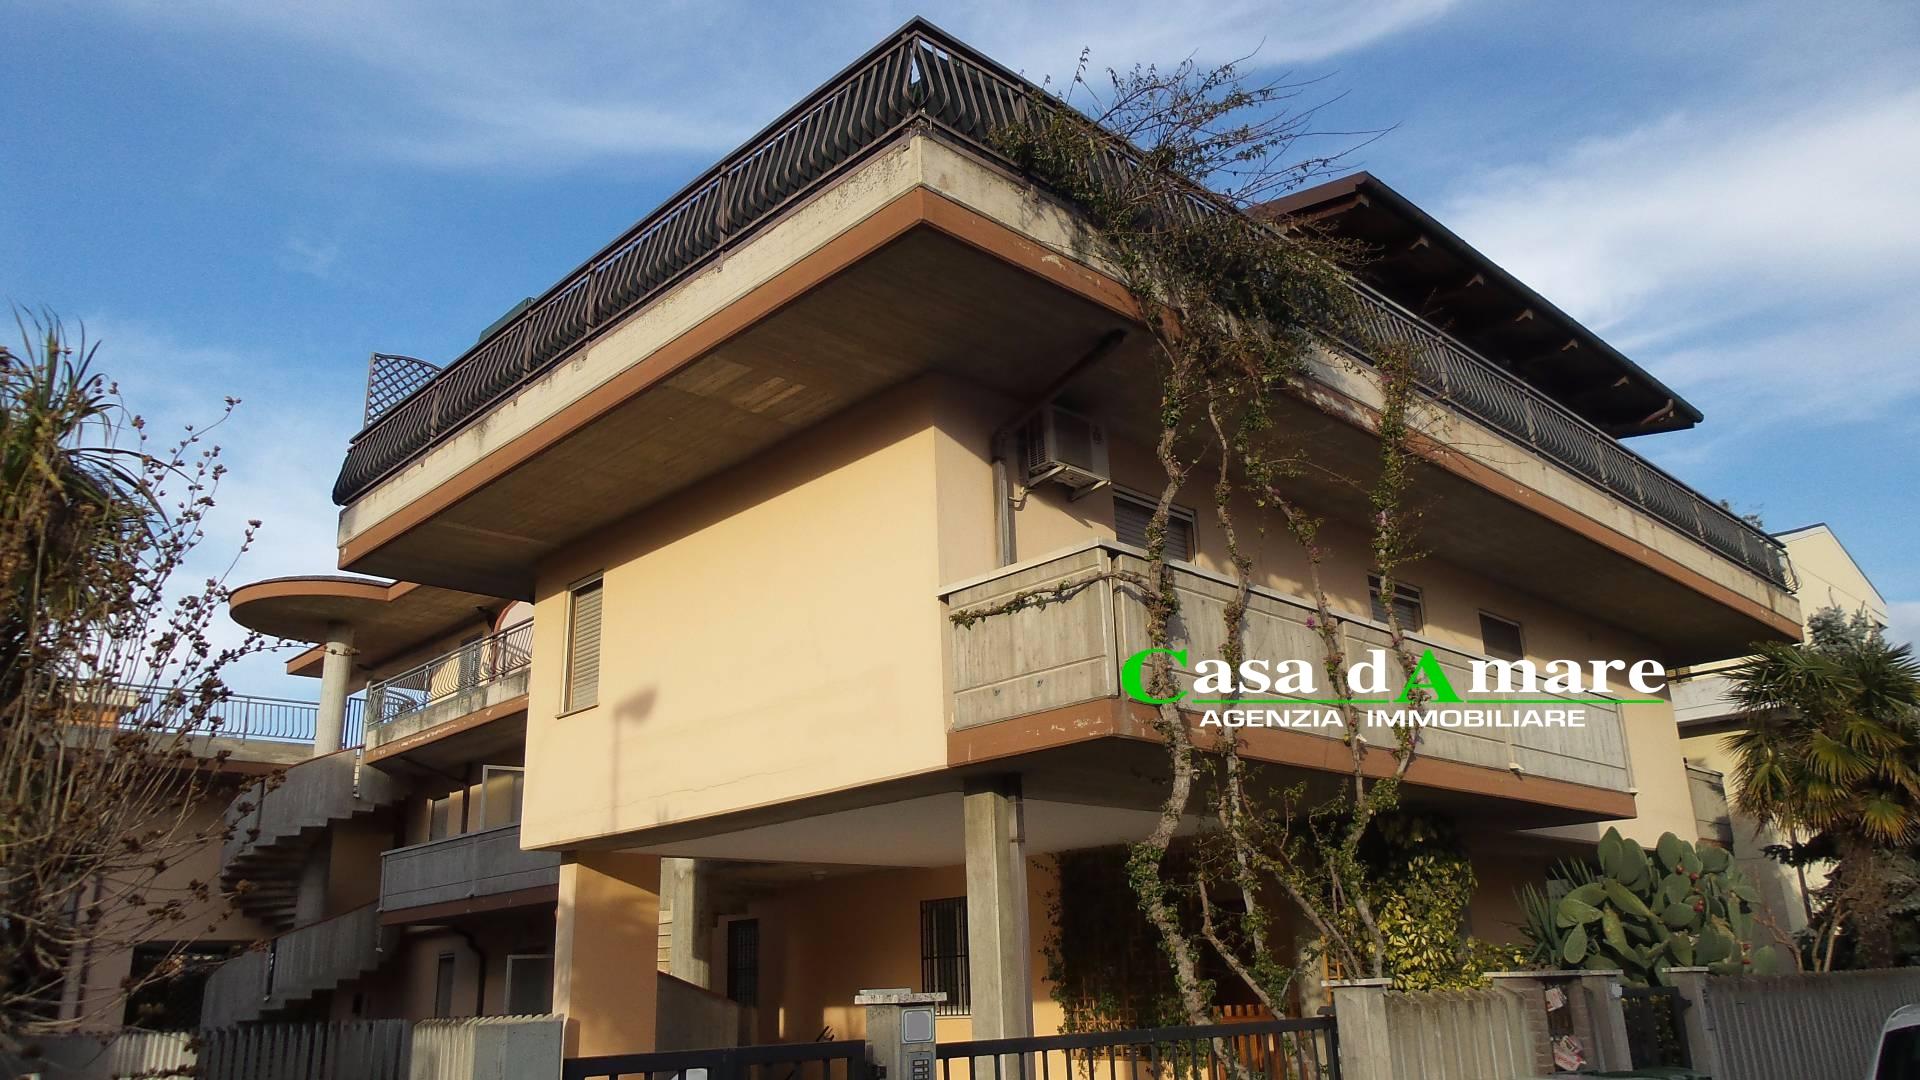 Appartamento in vendita a Martinsicuro, 4 locali, zona Località: ZonaMare, prezzo € 110.000 | Cambio Casa.it